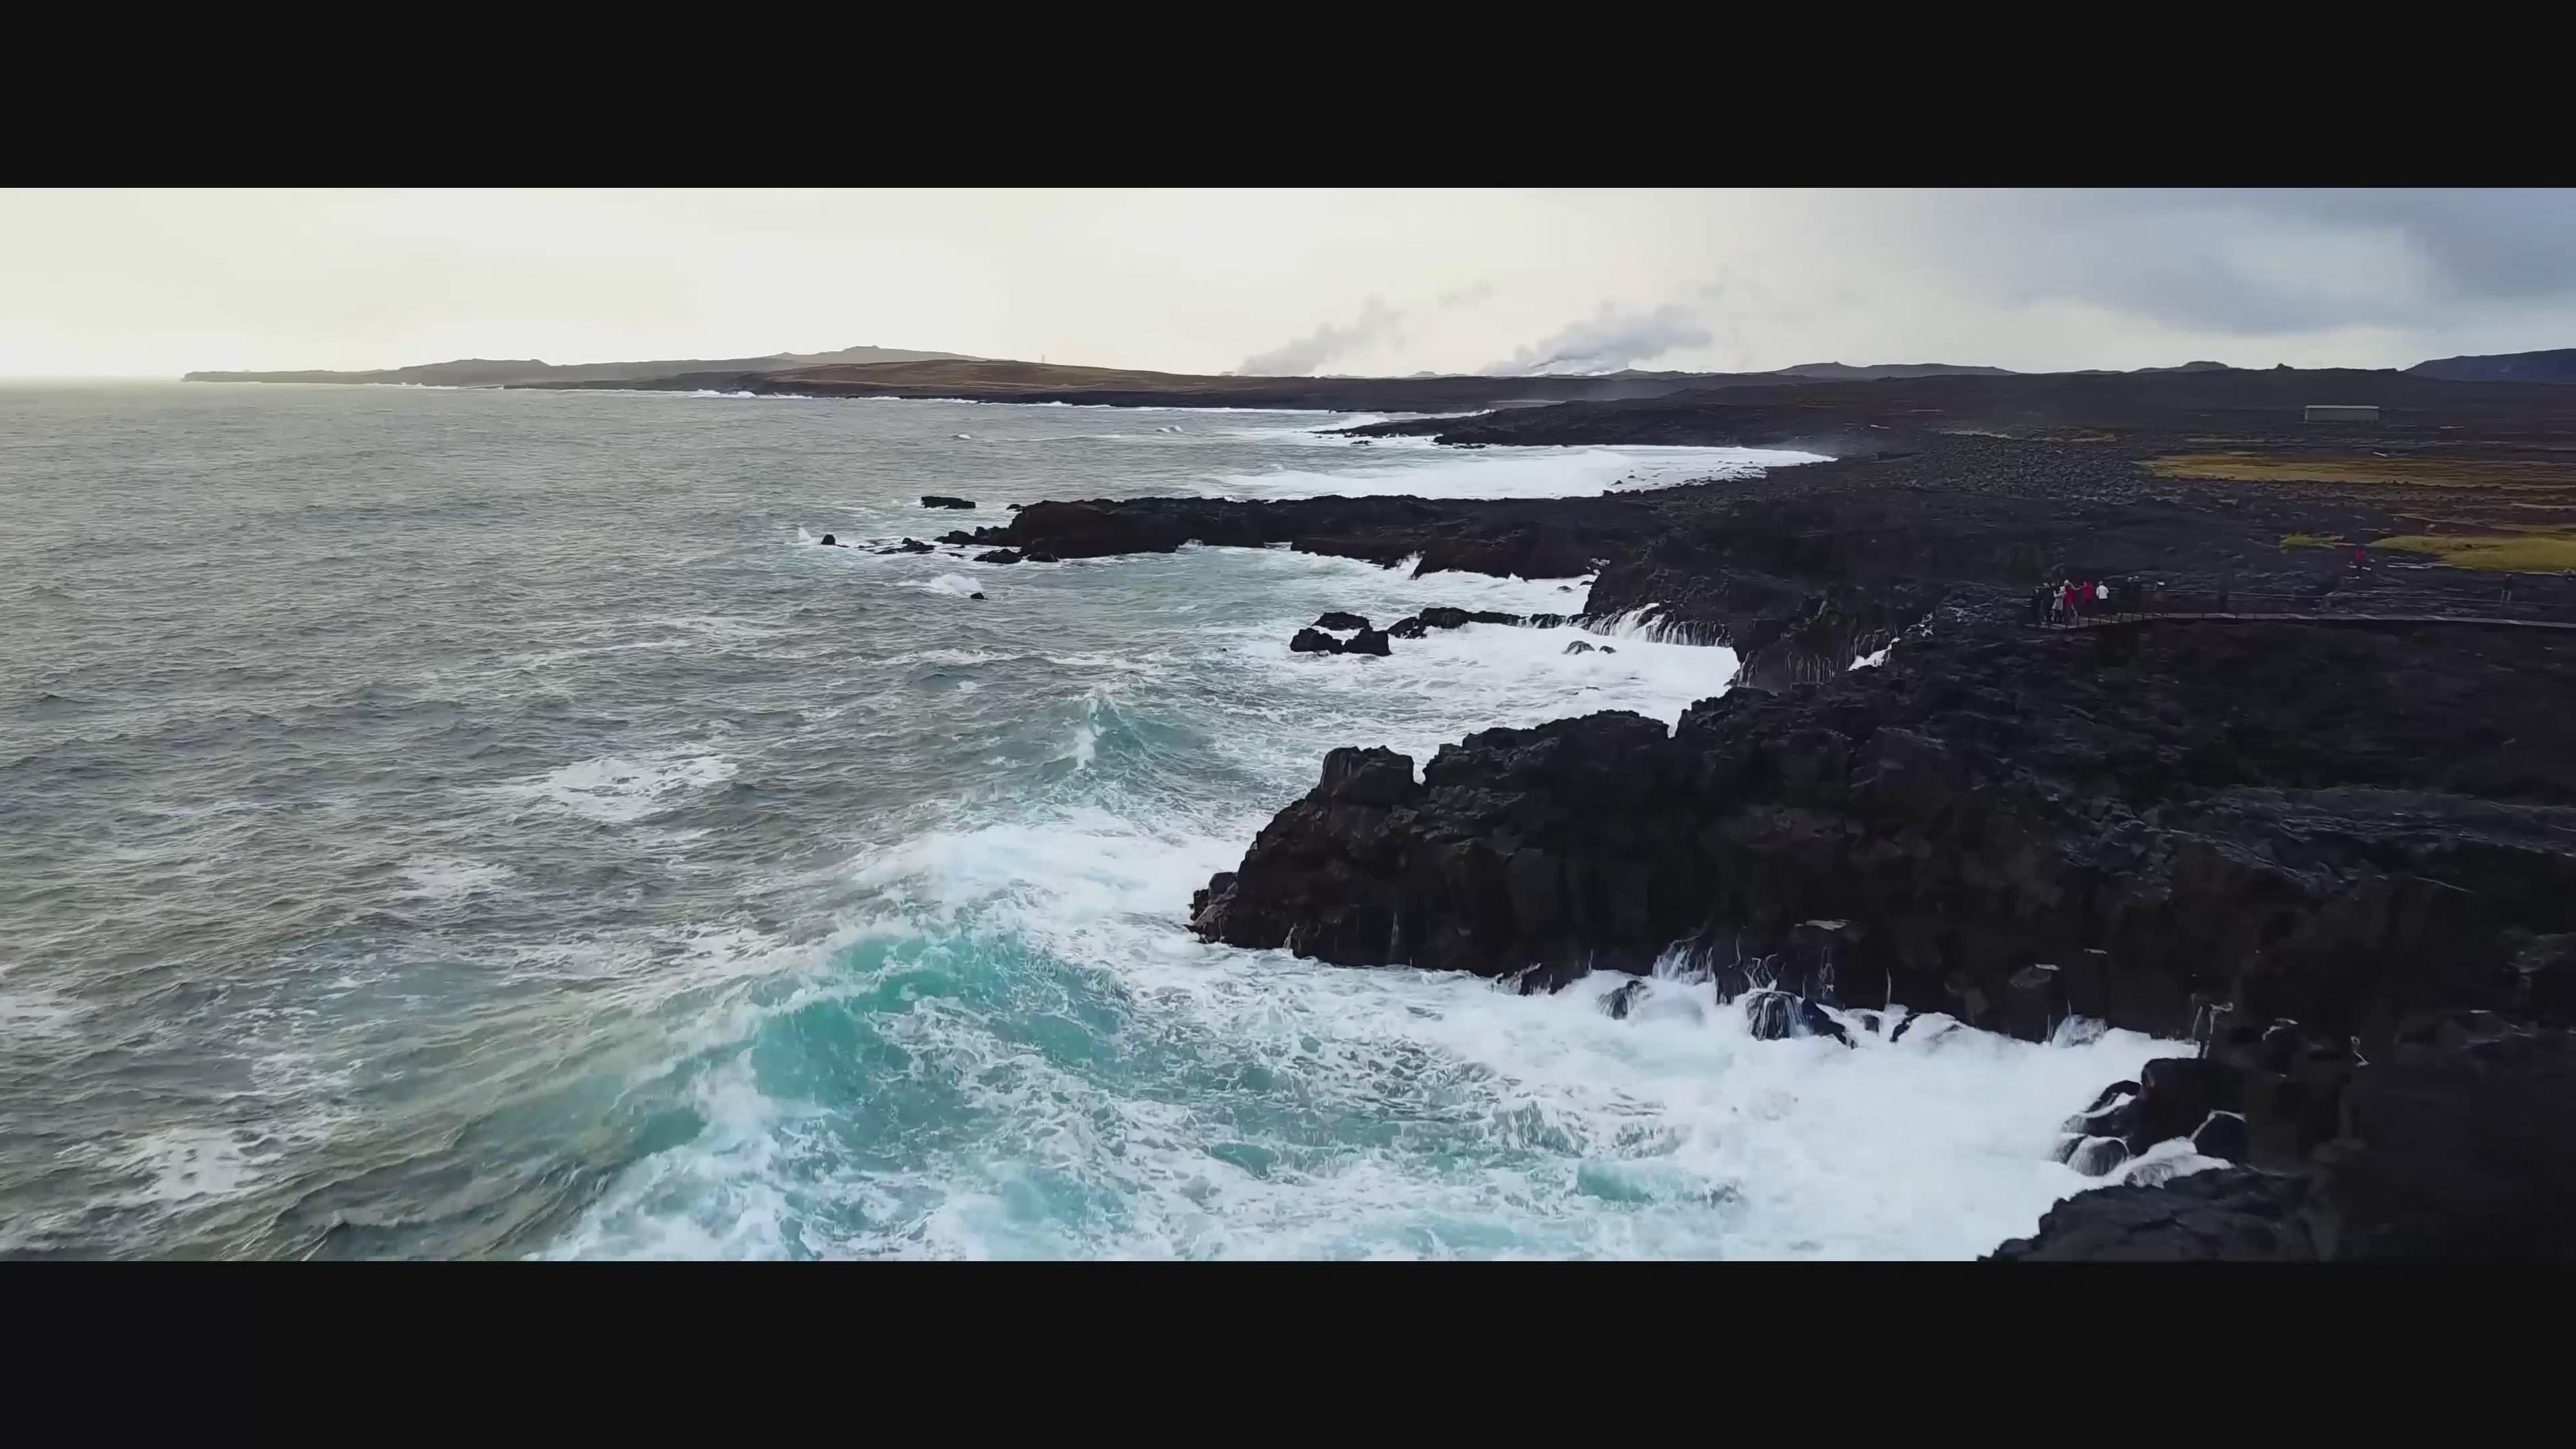 冰岛 4K 火冰之地 山川 大瀑布 草原 大海 海浪 海岛  礁石 海浪冲击礁石 雪山 冰山 海底火山 火山 小溪 冰 火山湖 极光 4k 唯美 超帅\-